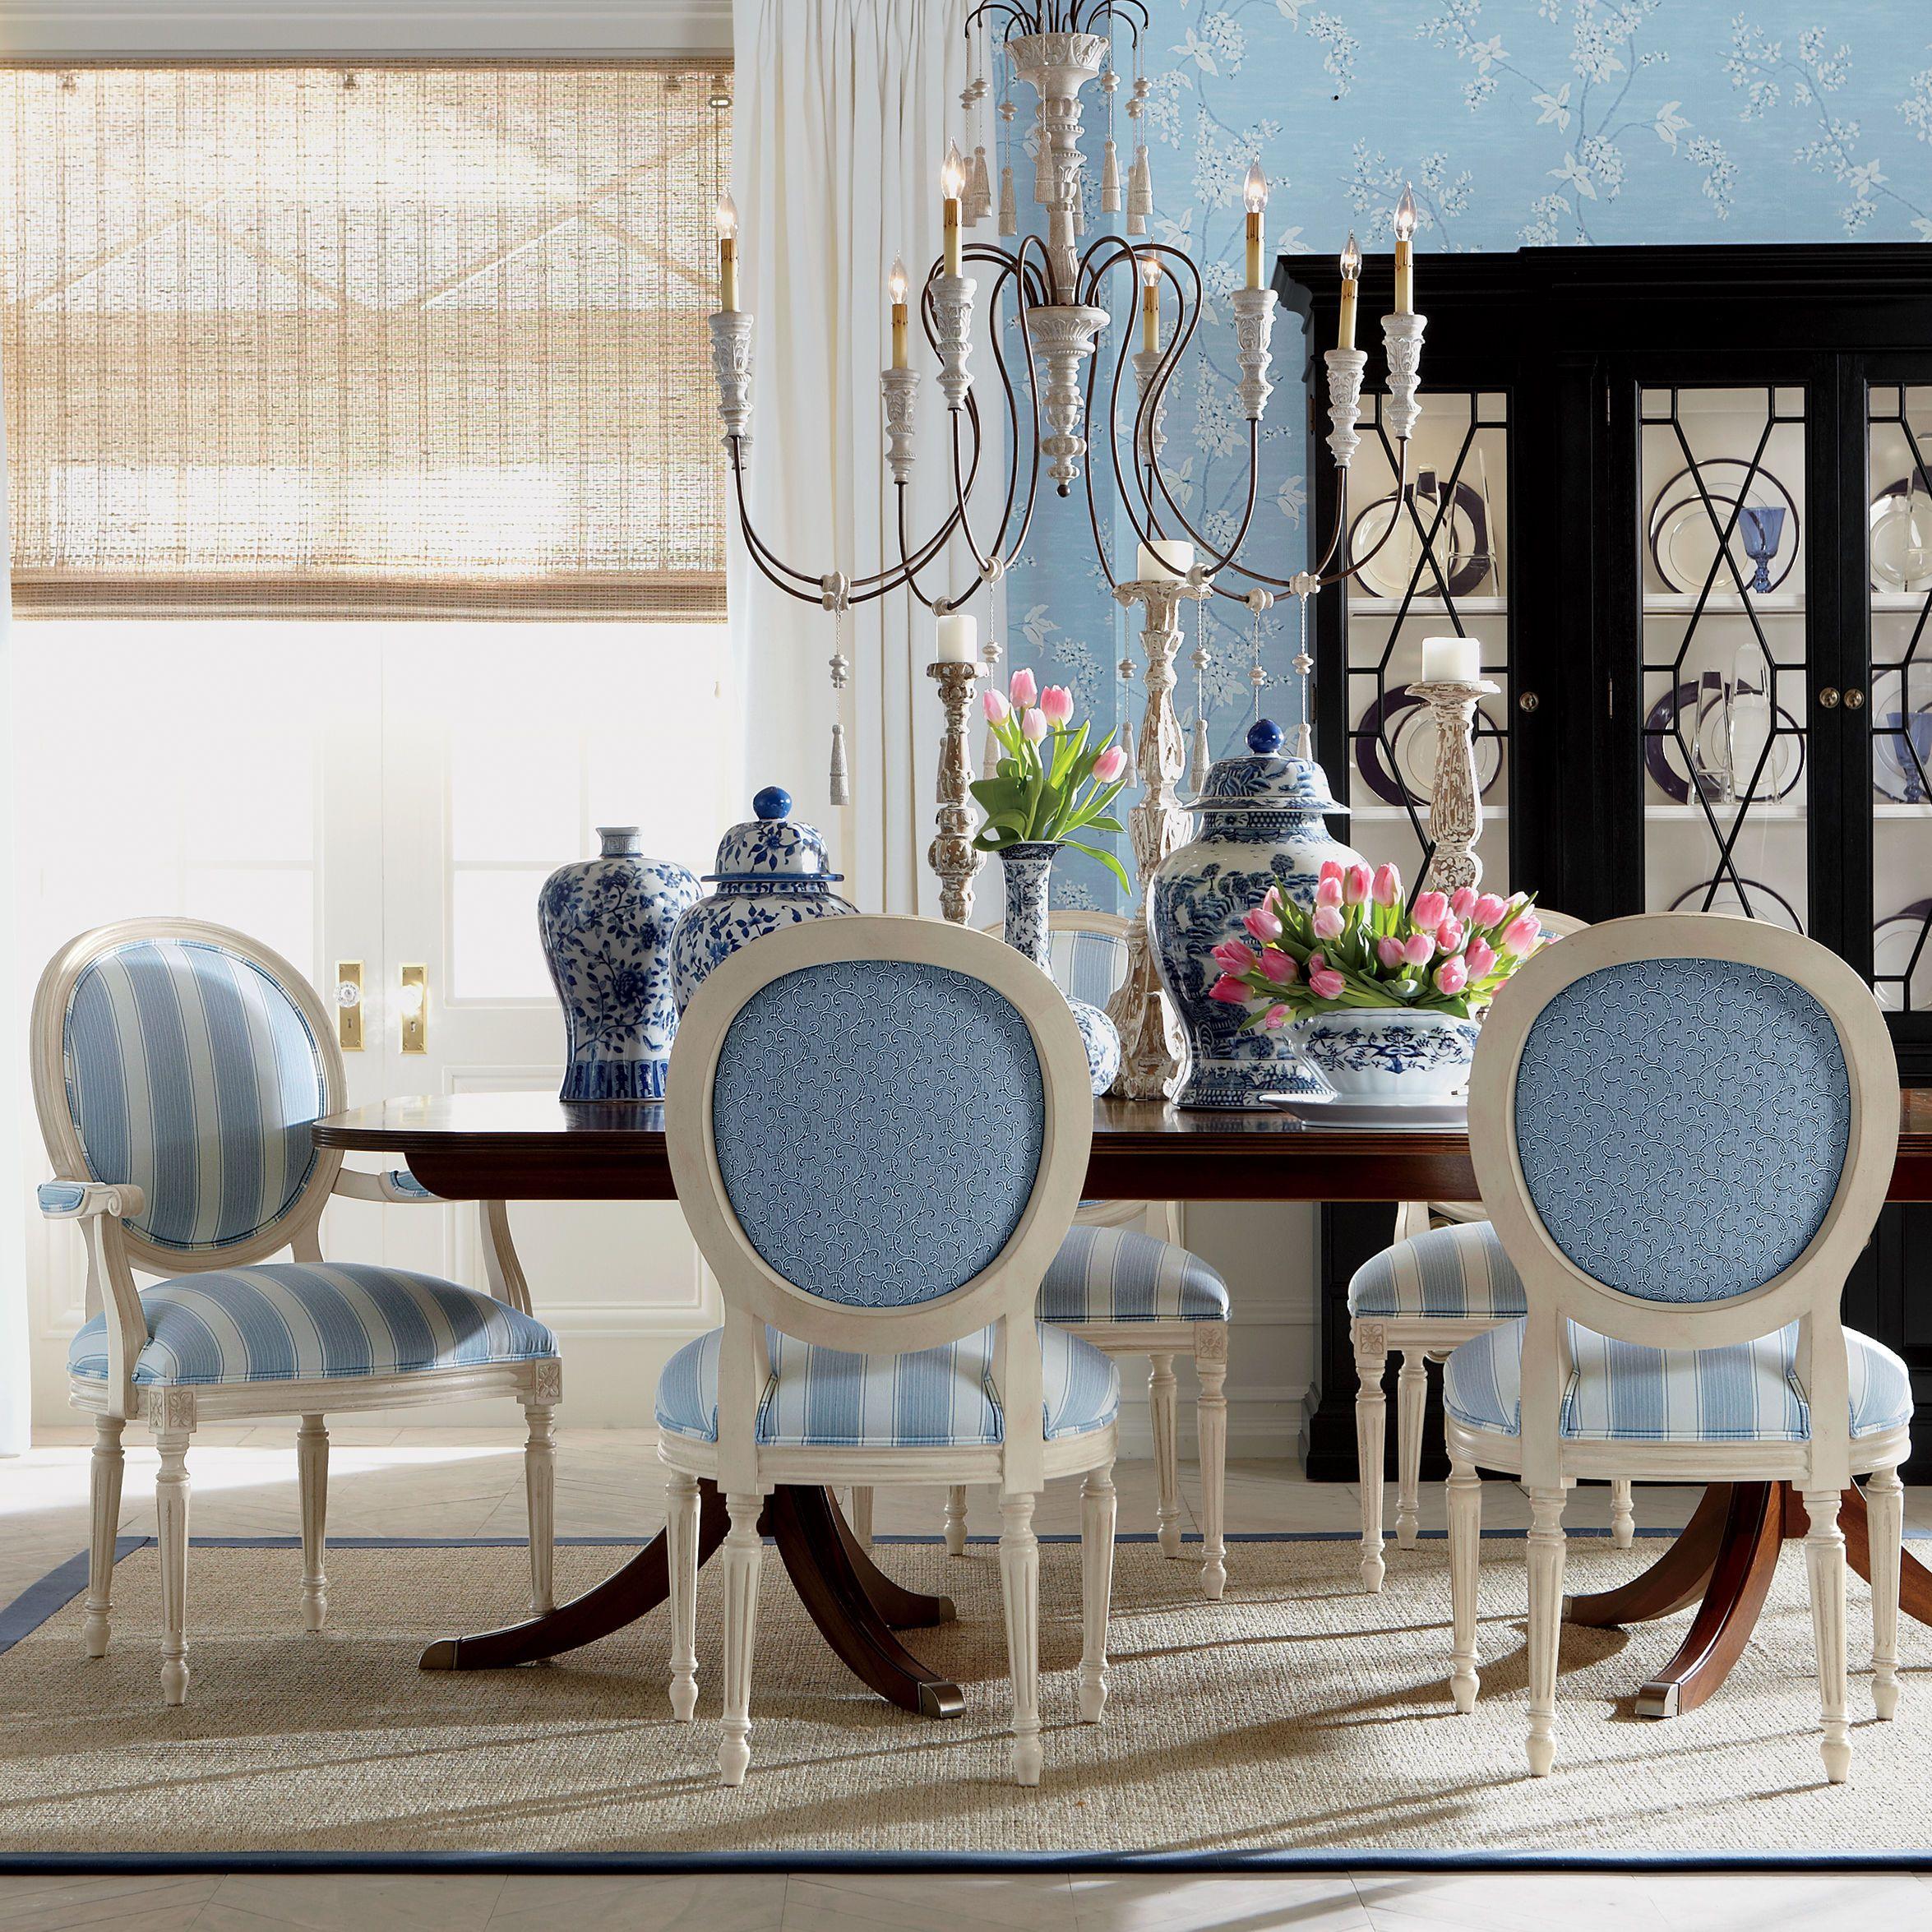 Ethan Allen Breakfront_Dining Rooms  #belle  Pinterest  Room Glamorous Ethan Allen Dining Rooms 2018